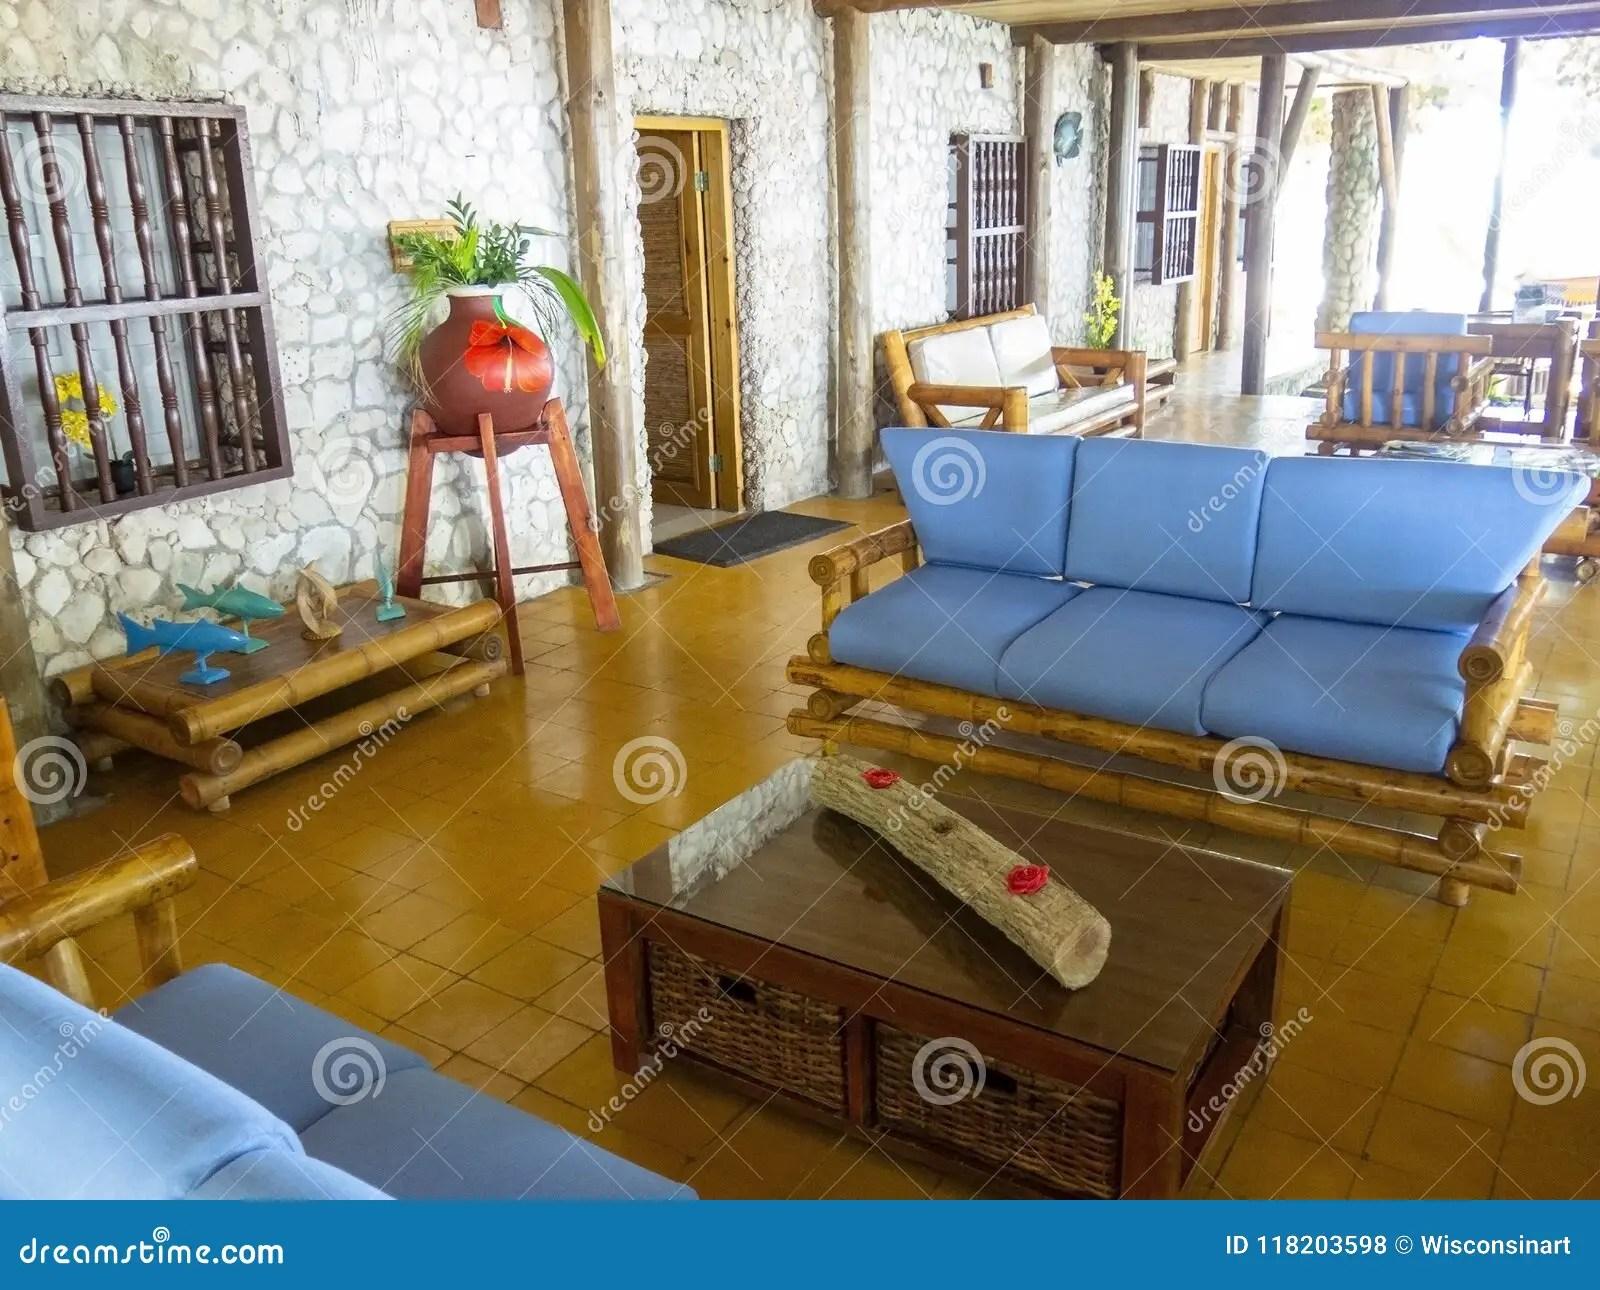 Soggiorno Hotel | Vacanze Offerte Volo Hotel Crociere E Viaggi Low ...